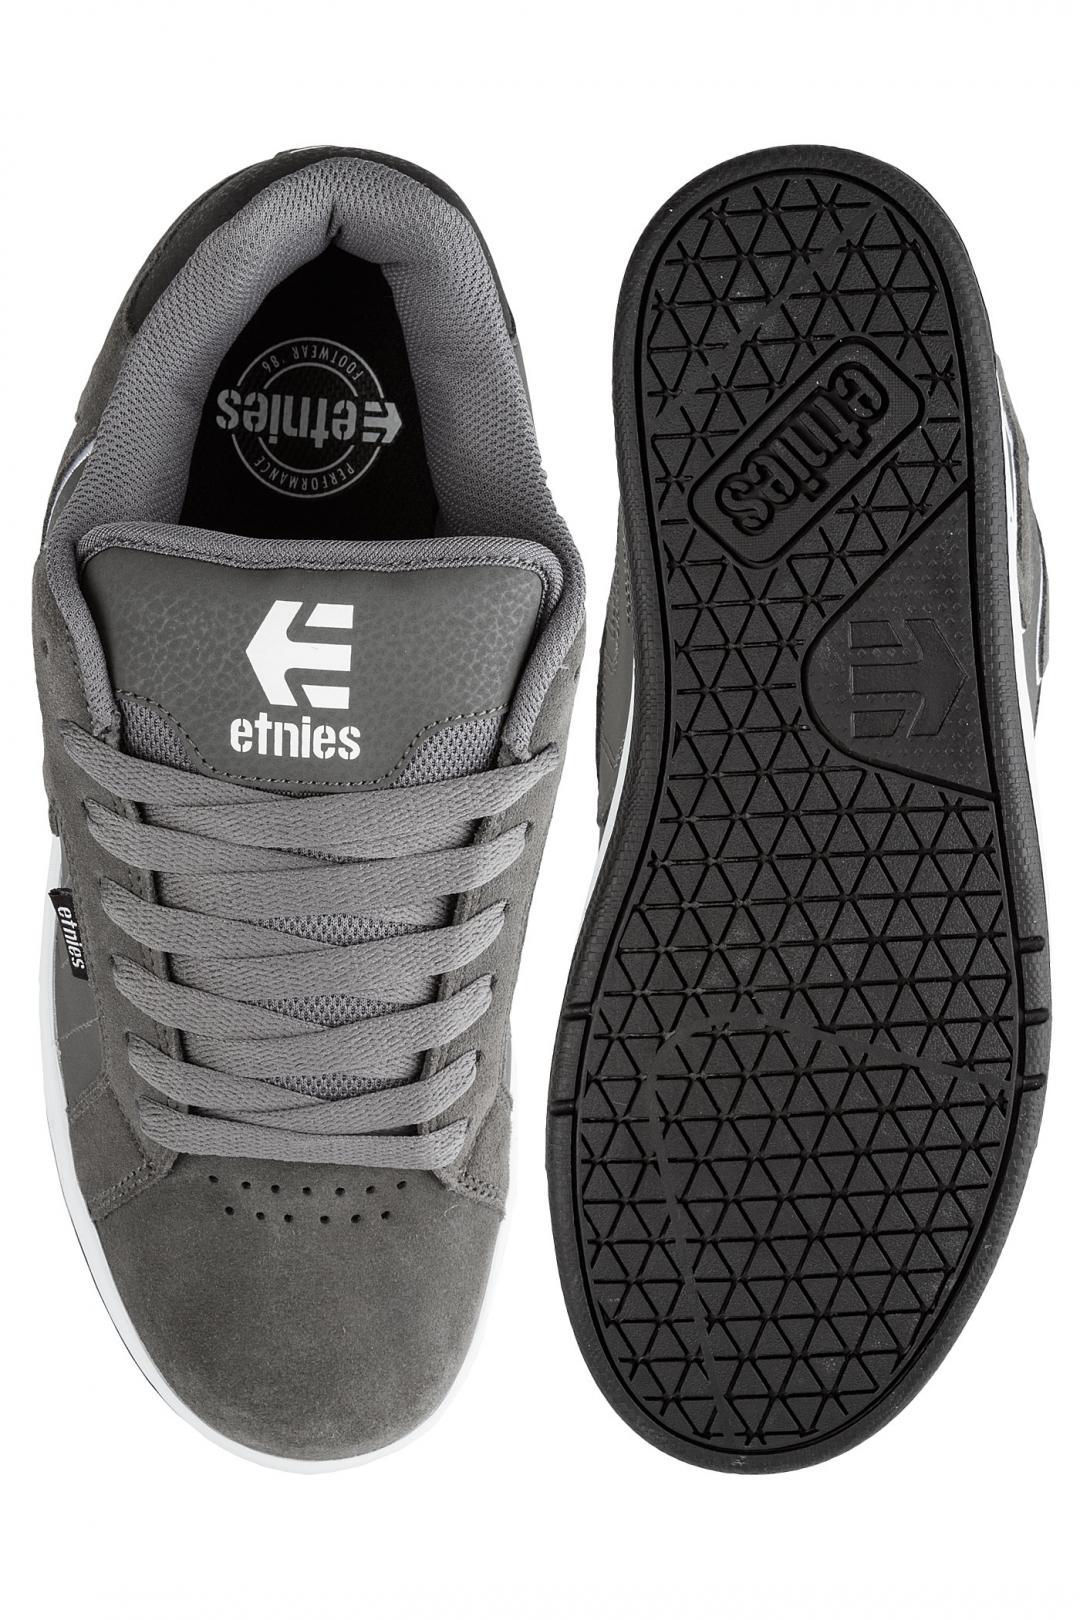 Uomo Etnies Fader 2 dark grey black white | Sneaker